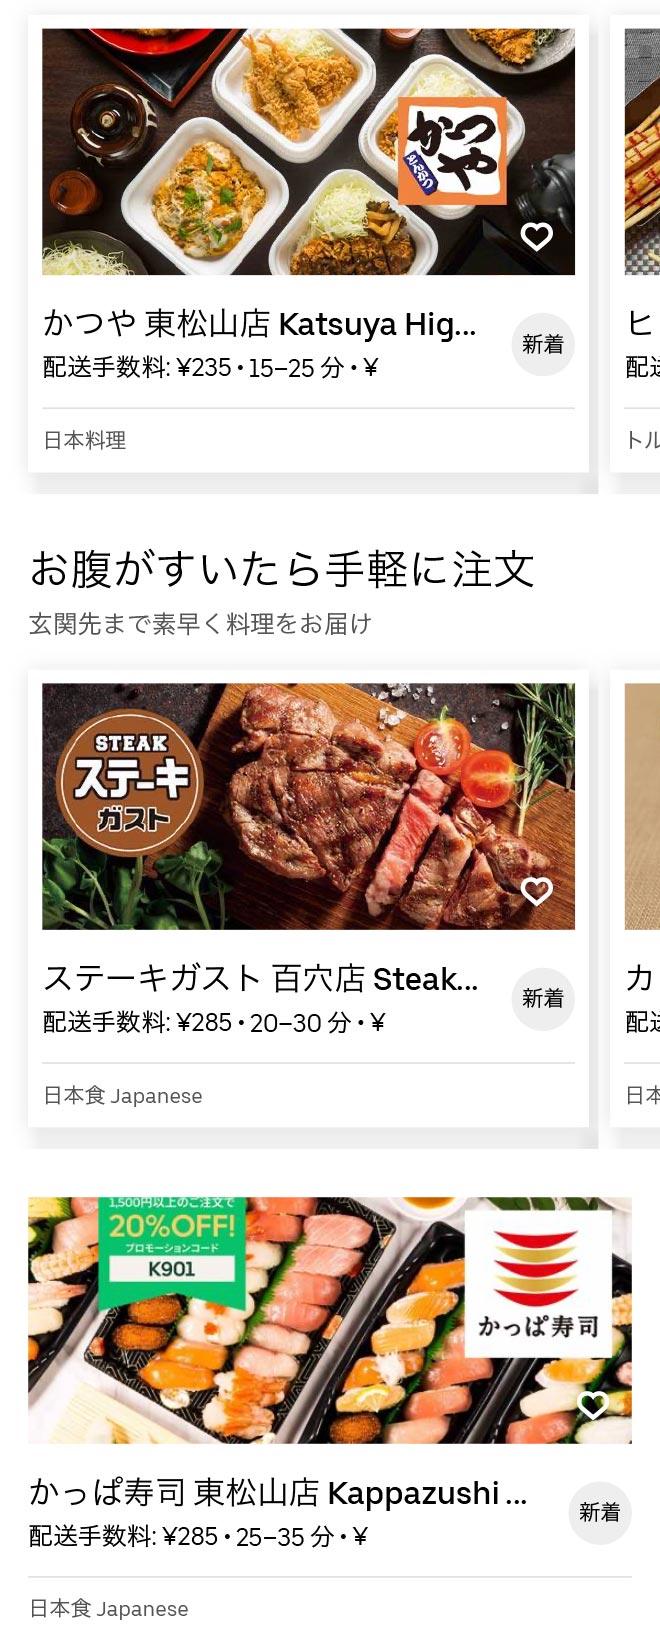 Higashi matsuyama menu 2010 2